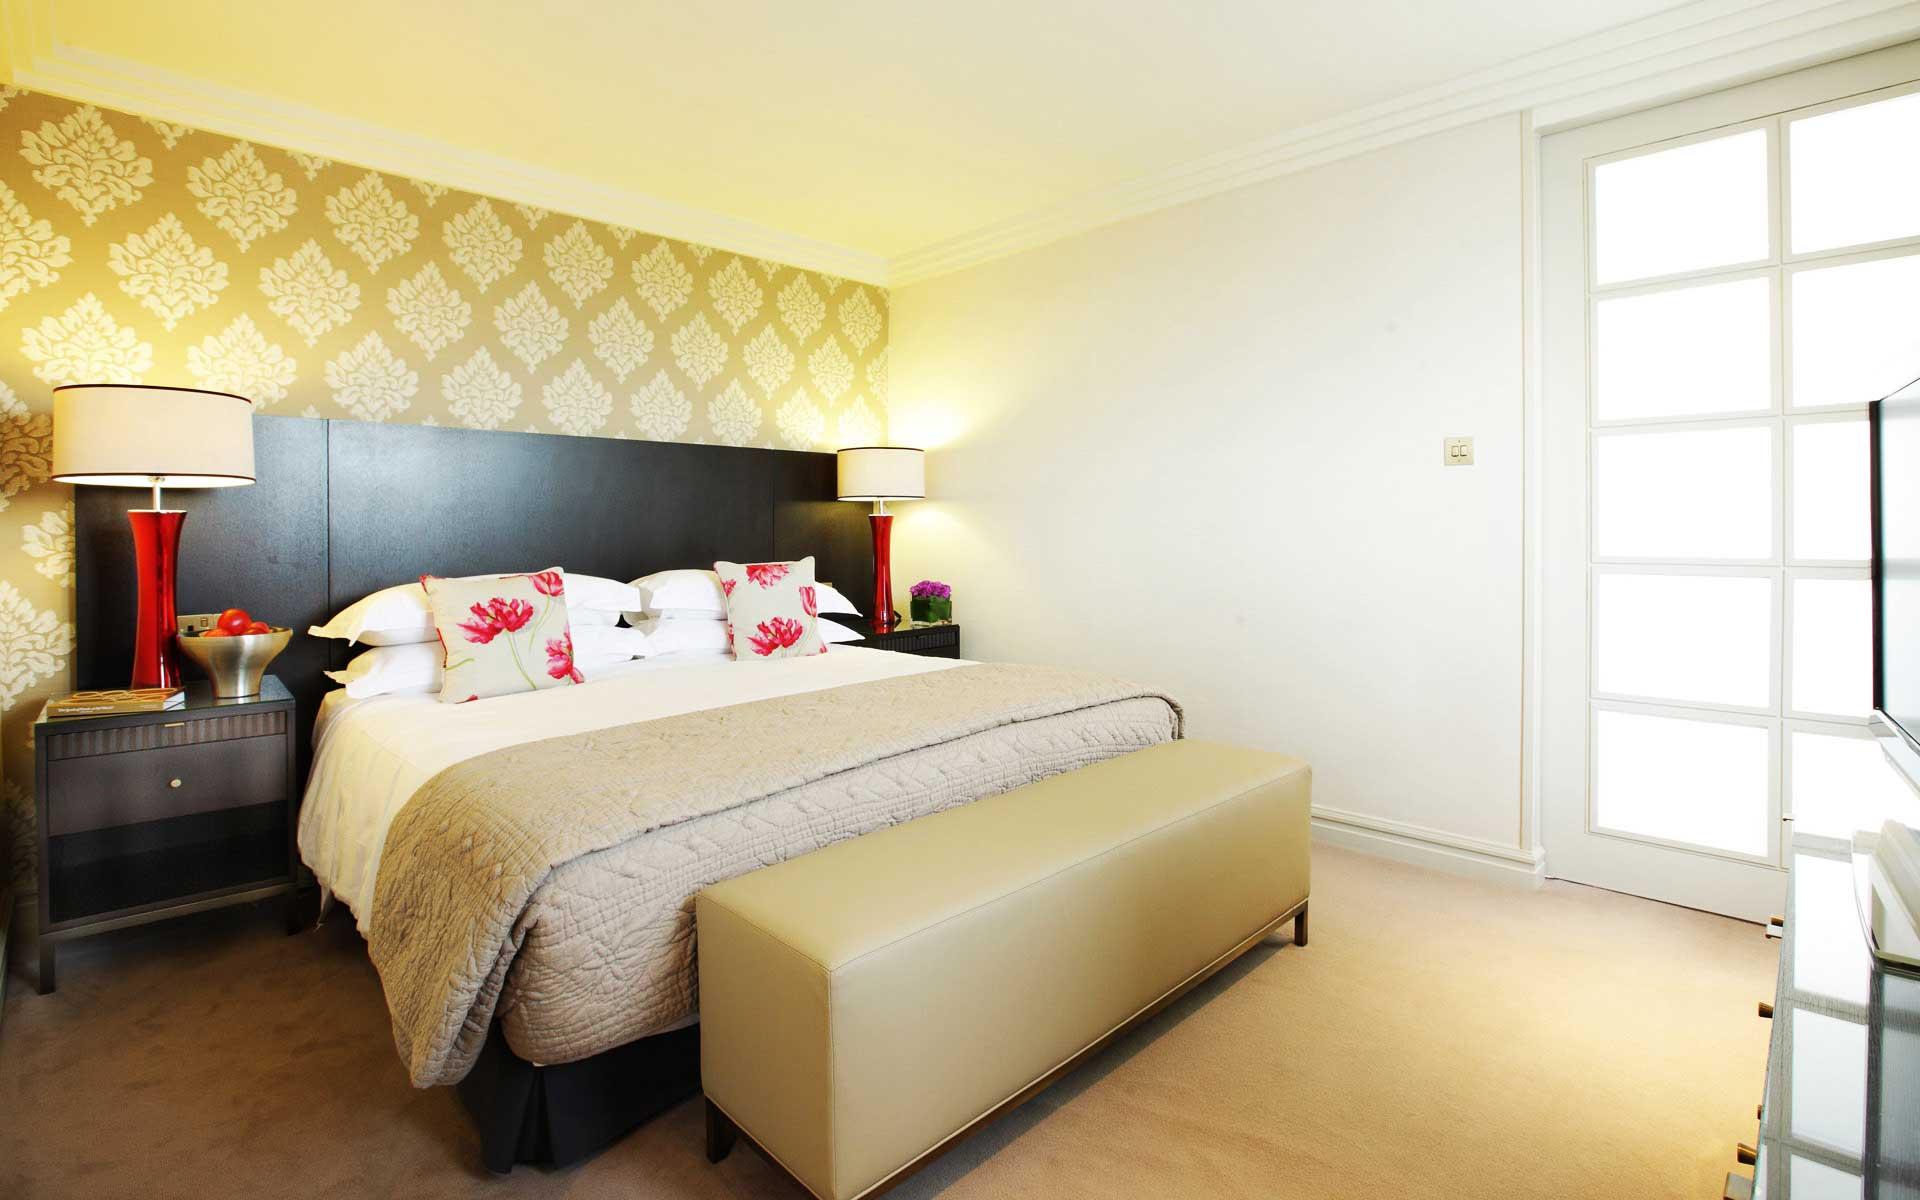 Спальня с желтыми обоями